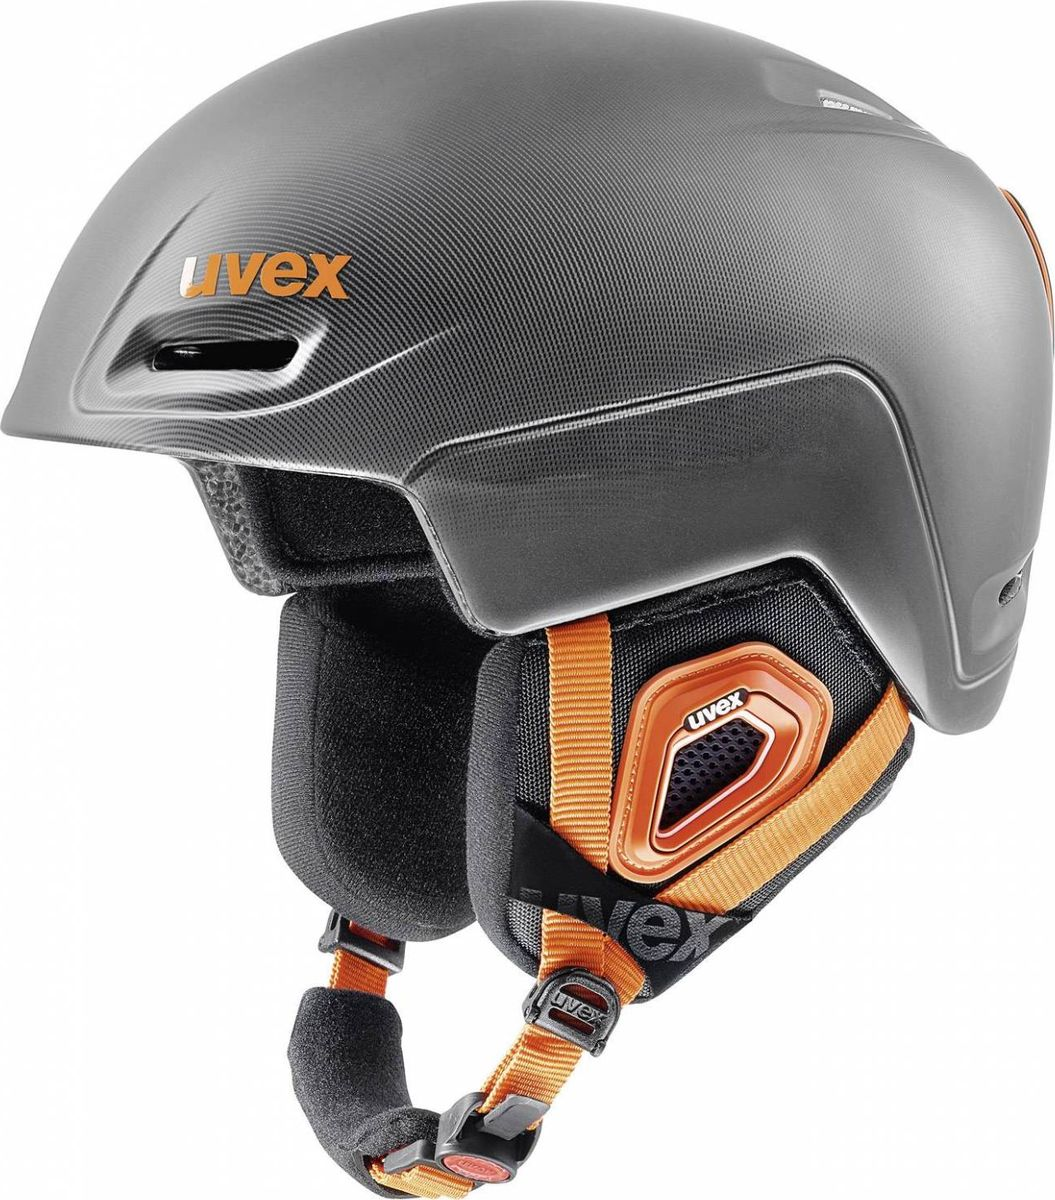 Шлем горнолыжный Uvex Jimm Helmet, цвет: серый, черный матовый. Размер M6206Удобный шлем от Uvex обеспечит безопасность на склоне. В модели предусмотрена съемная защита ушей.Гипоаллергенная подкладка и регулируемая вентиляция гарантируют комфорт во время катания. Фиксатор стрэпа маски и застежка monomatiс, которую легко отрегулировать одной рукой, служат для удобства использования. Сделано в Германии.